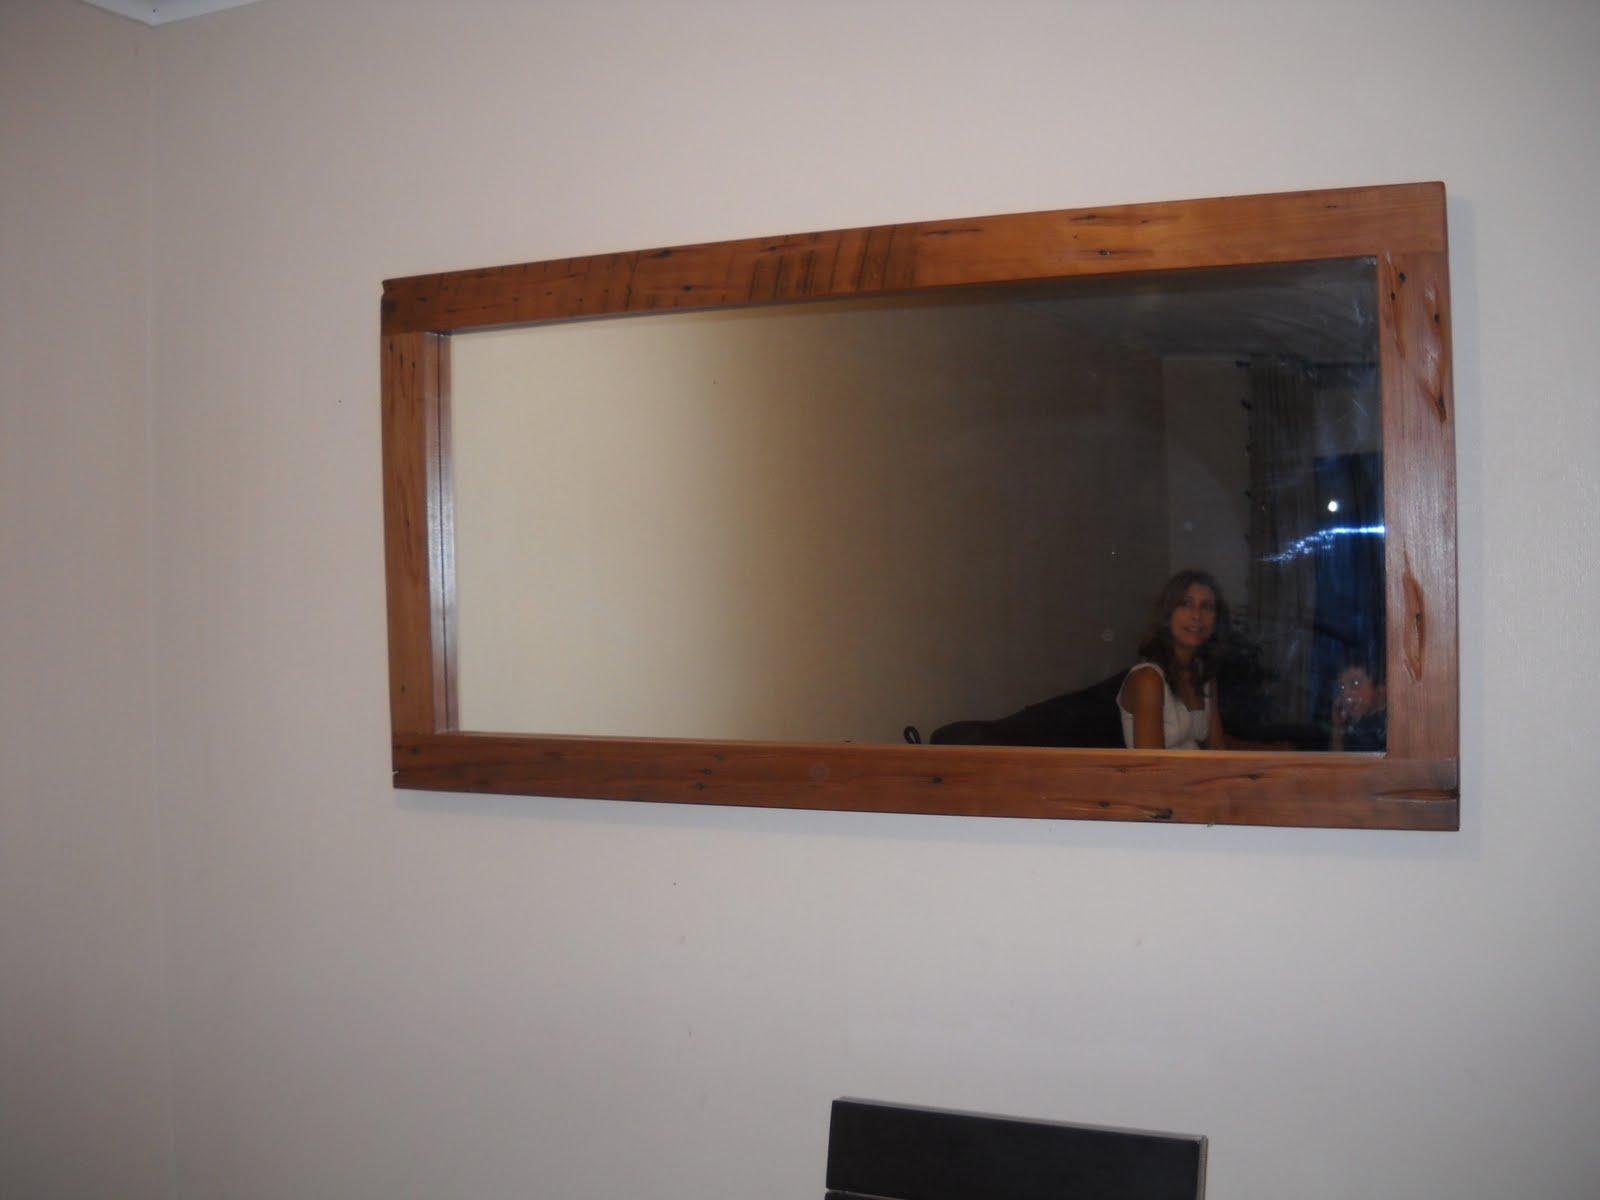 Muebles kotue arrimos mesa de centro y espejo for Espejos para mesa